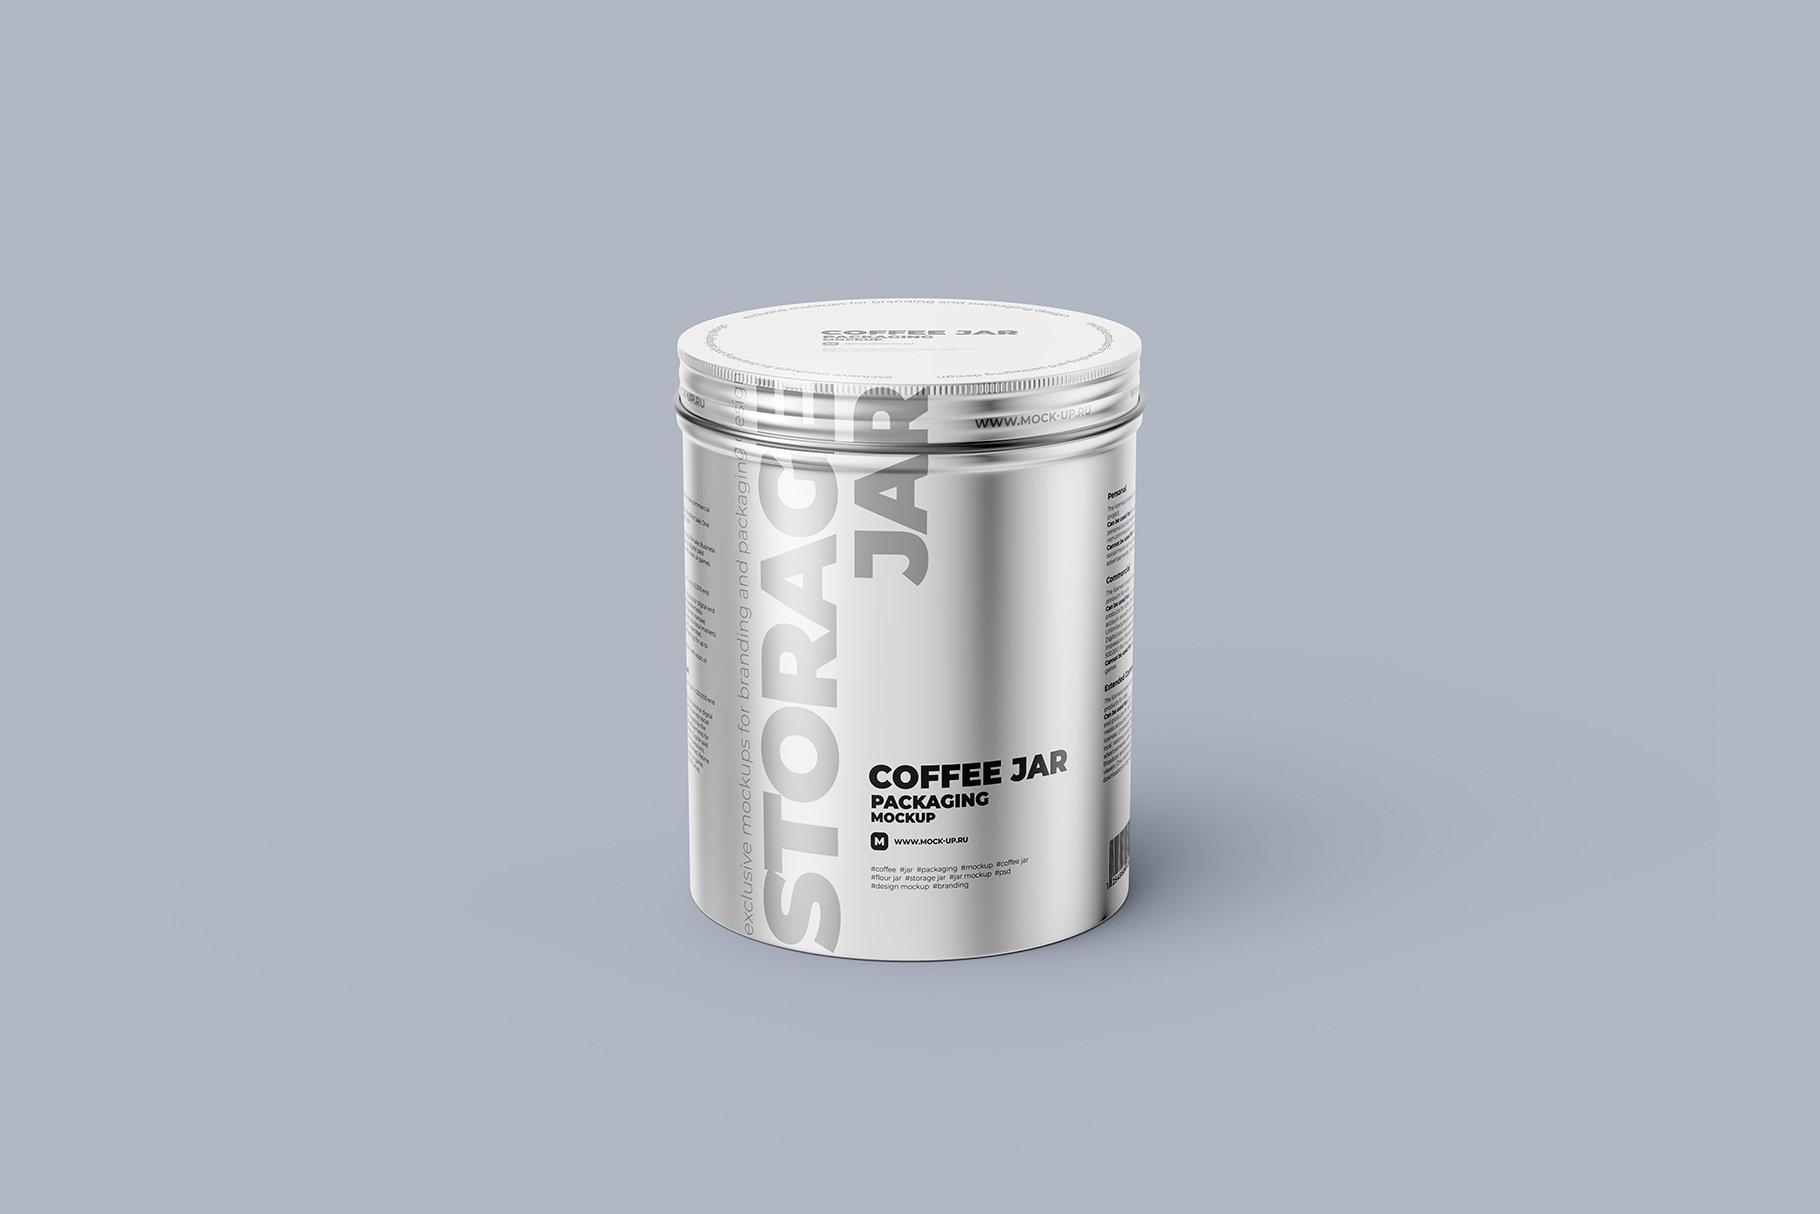 食品茶叶金属锡罐设计展示贴图样机模板 Metallic Storage Jar Angle View插图4